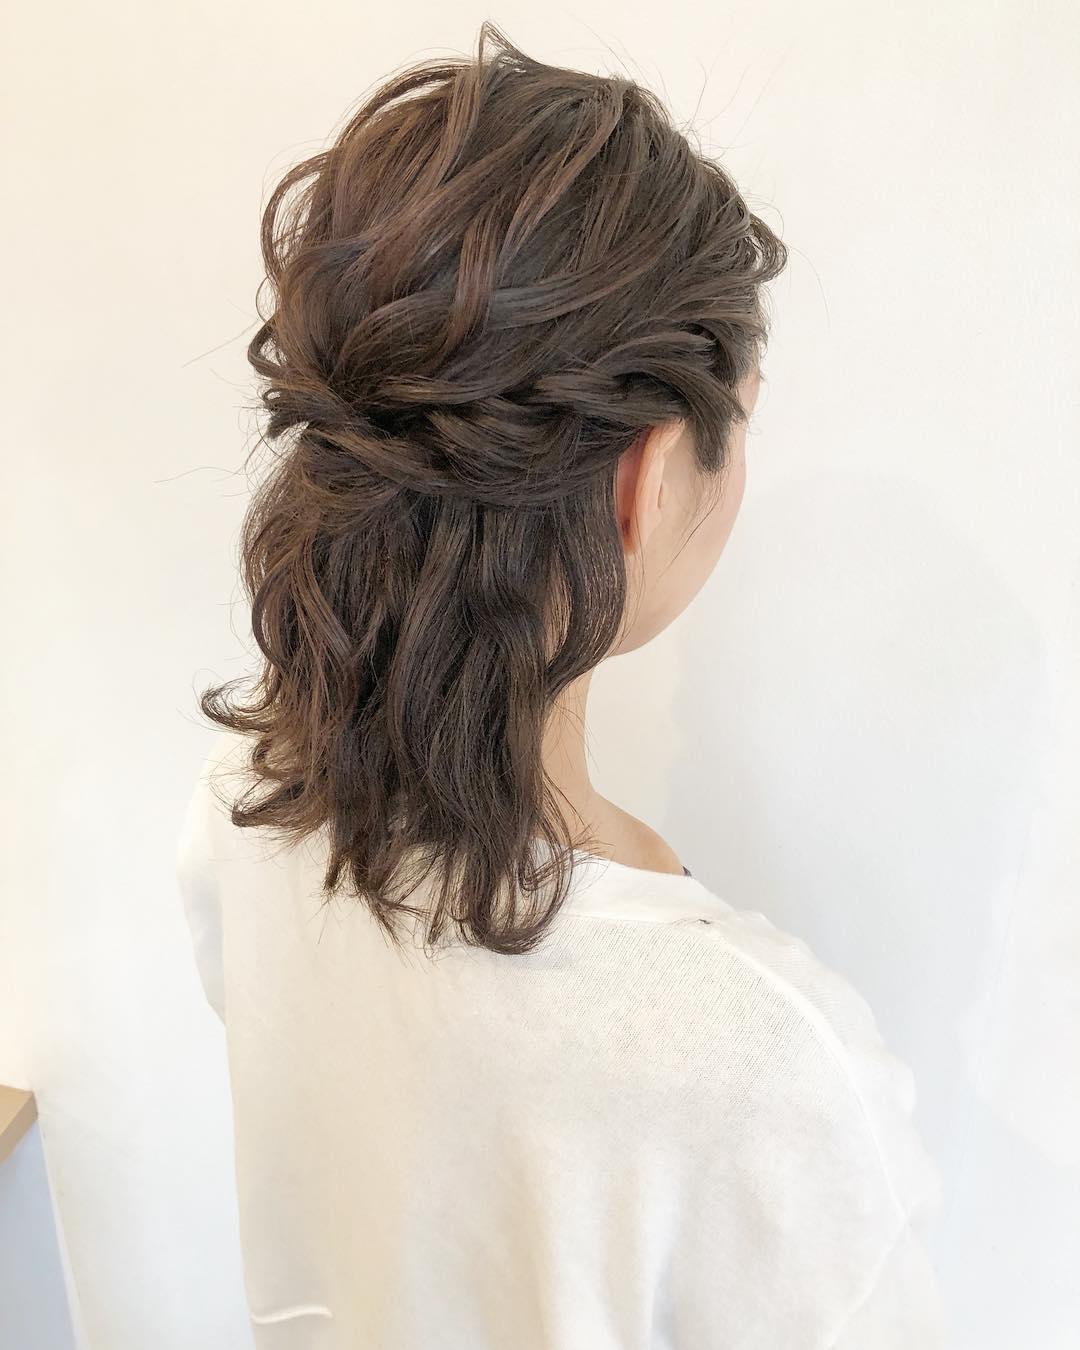 トレンドのヘアスタイル1